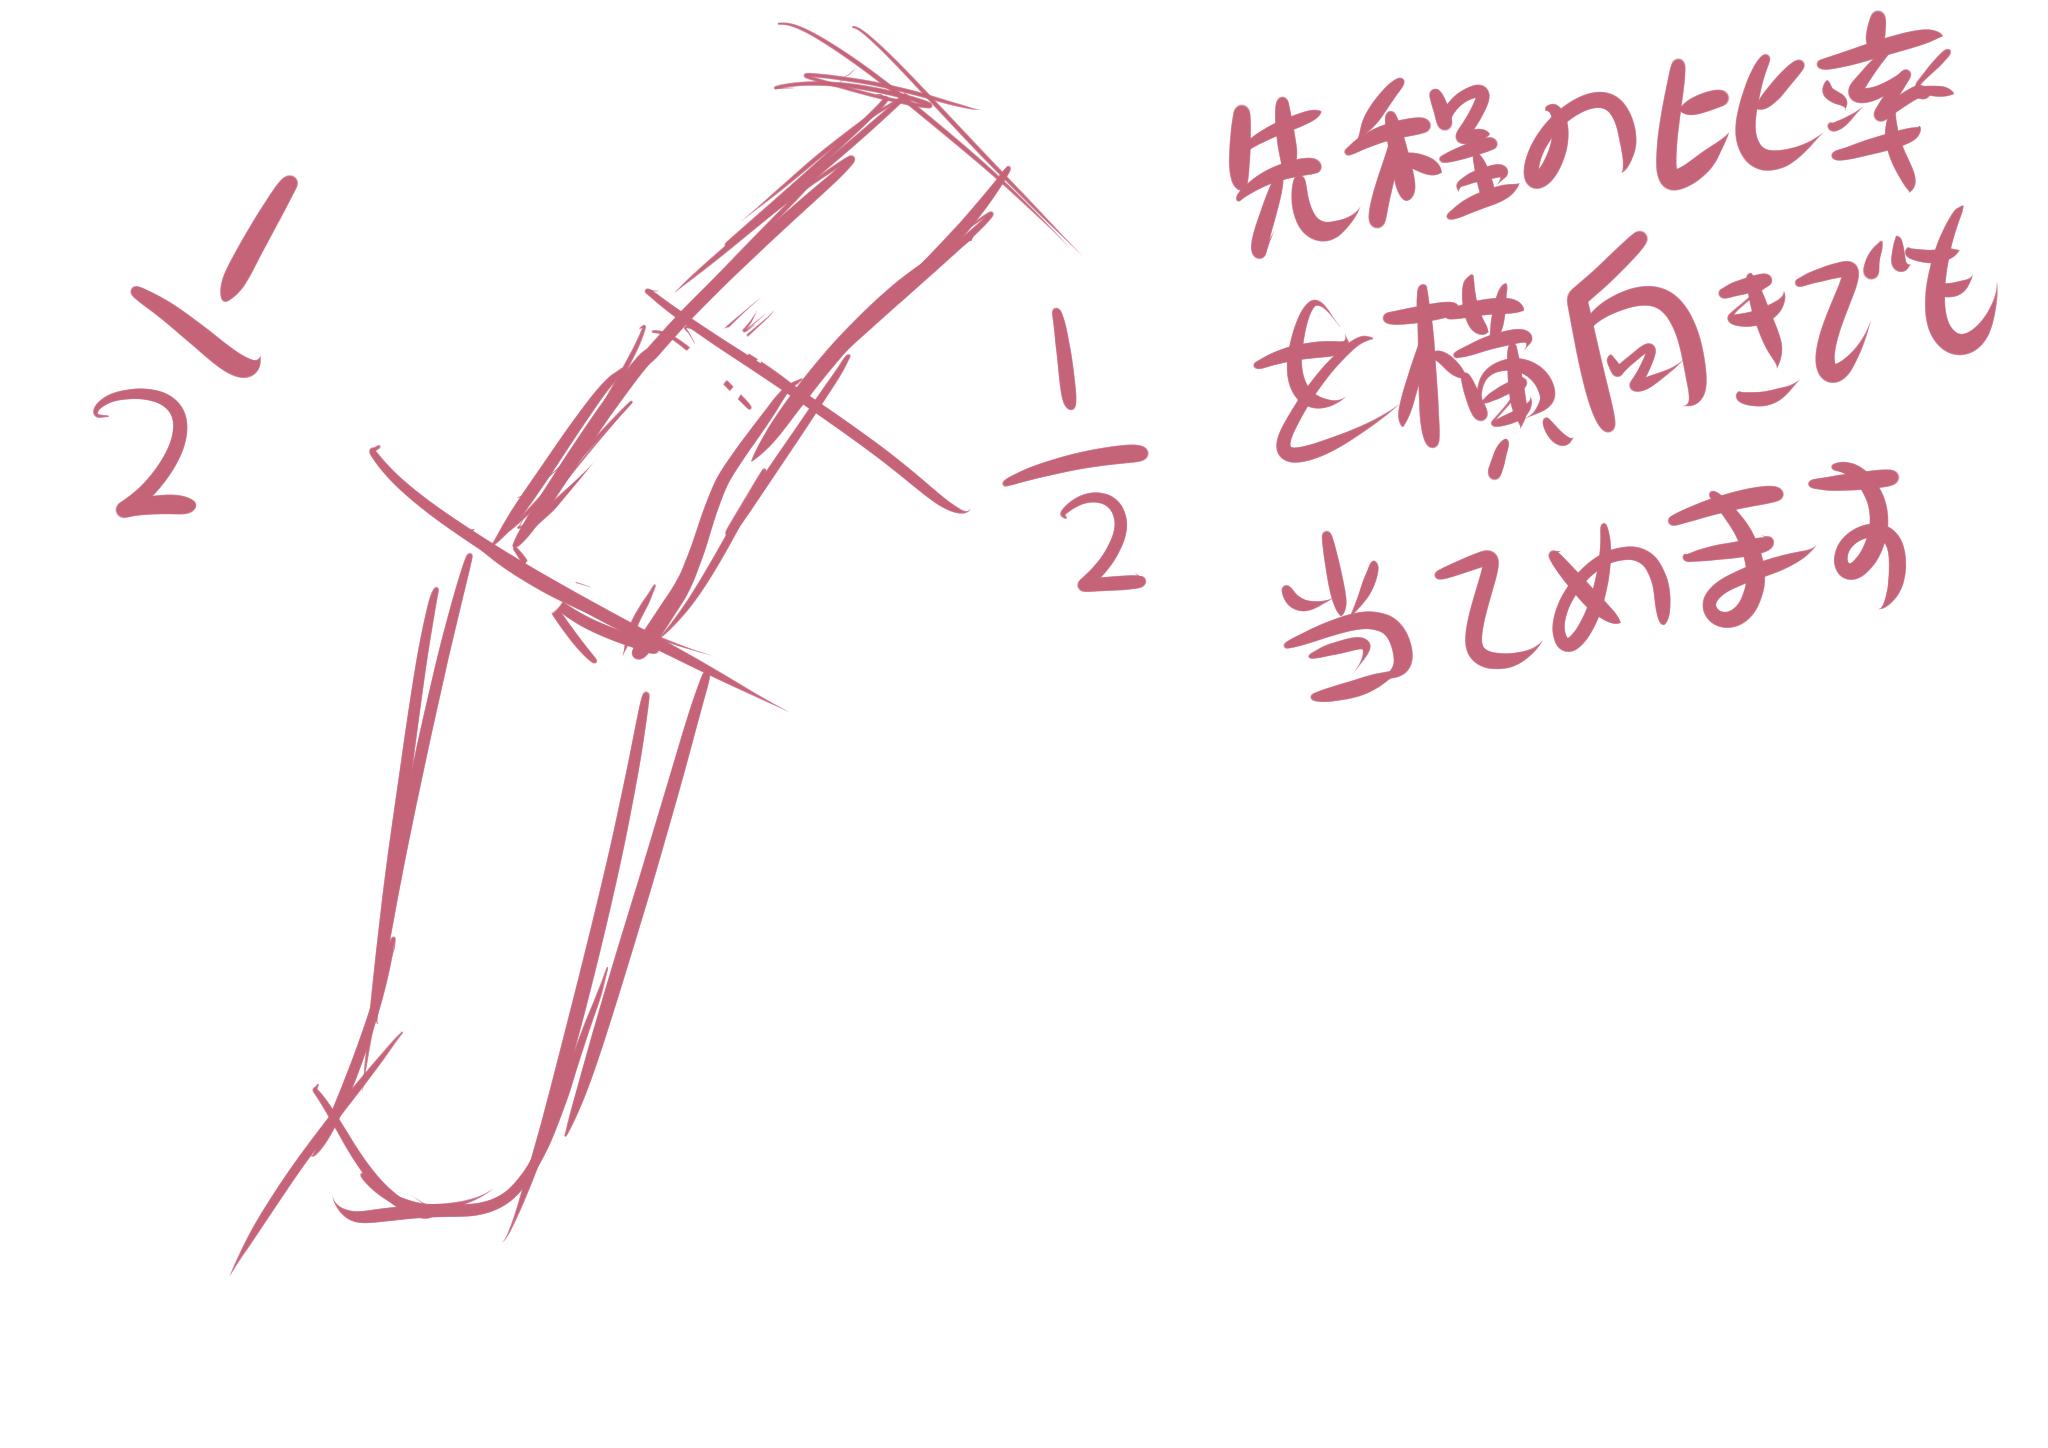 手の書き方を考える3